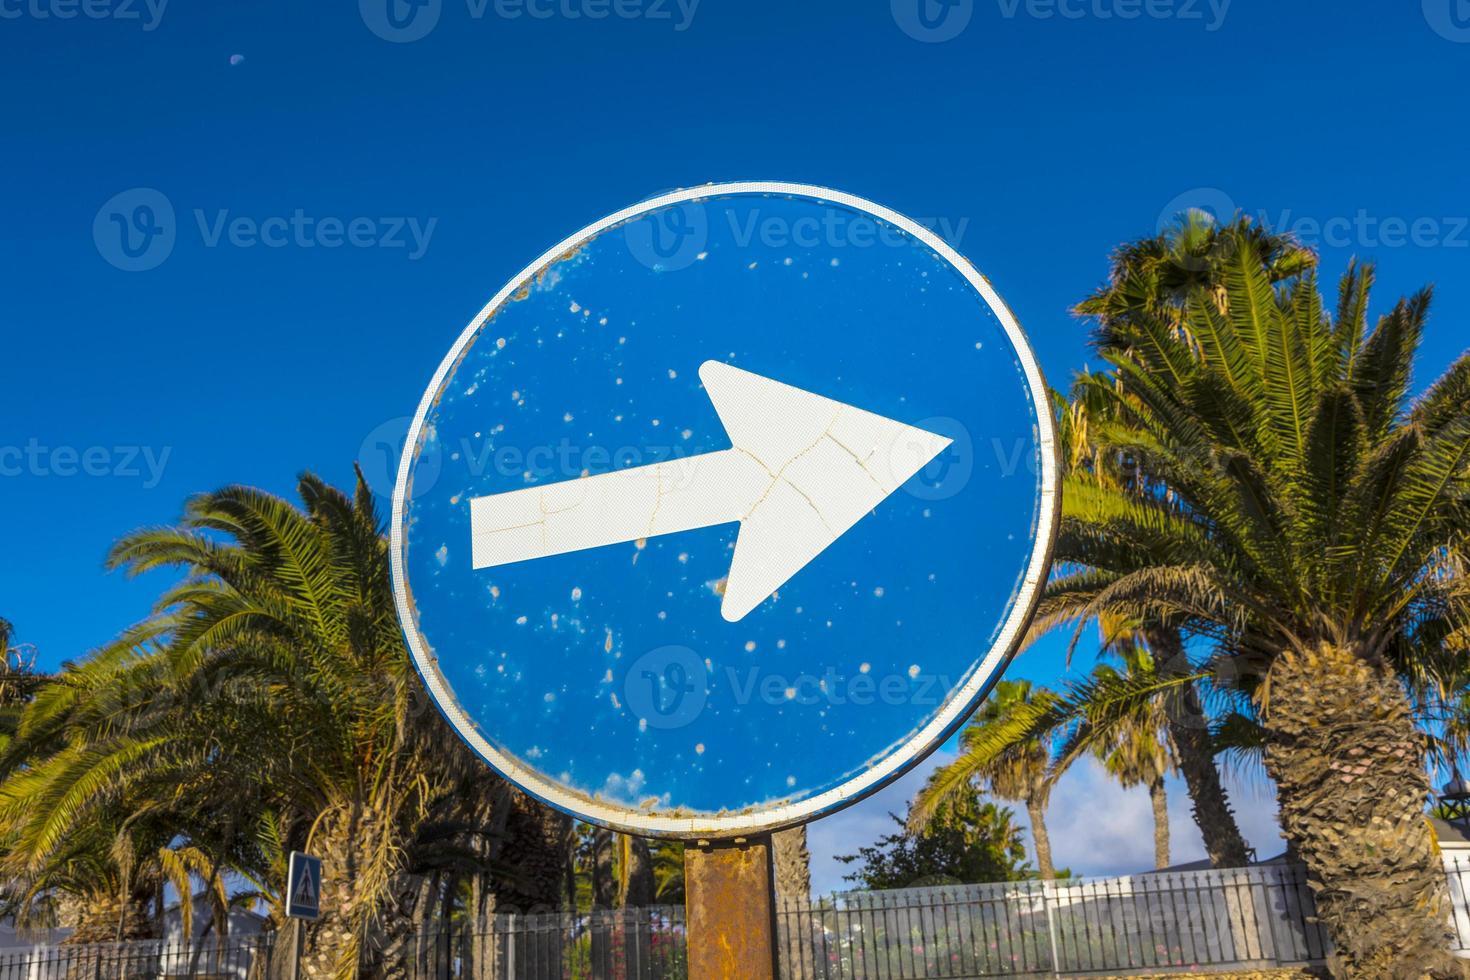 straatnaambord met pijl naar rechts foto